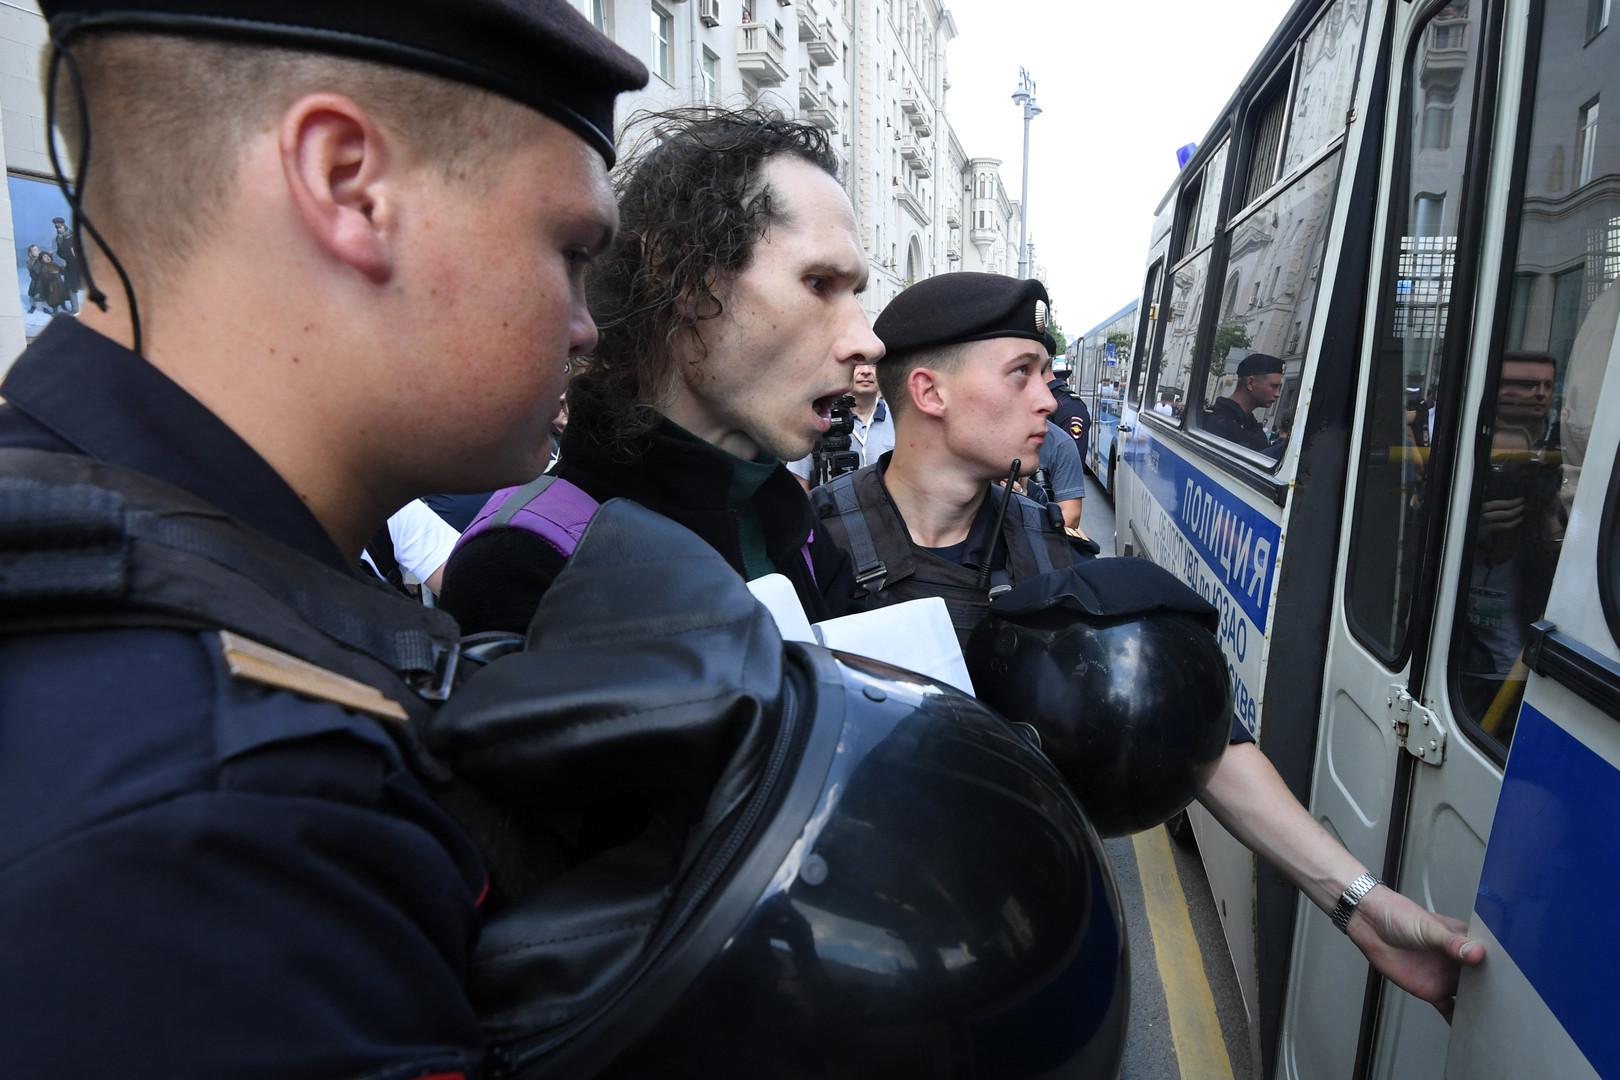 Russie : plus de 1 000 interpellations lors d'une manifestation non autorisée à Moscou